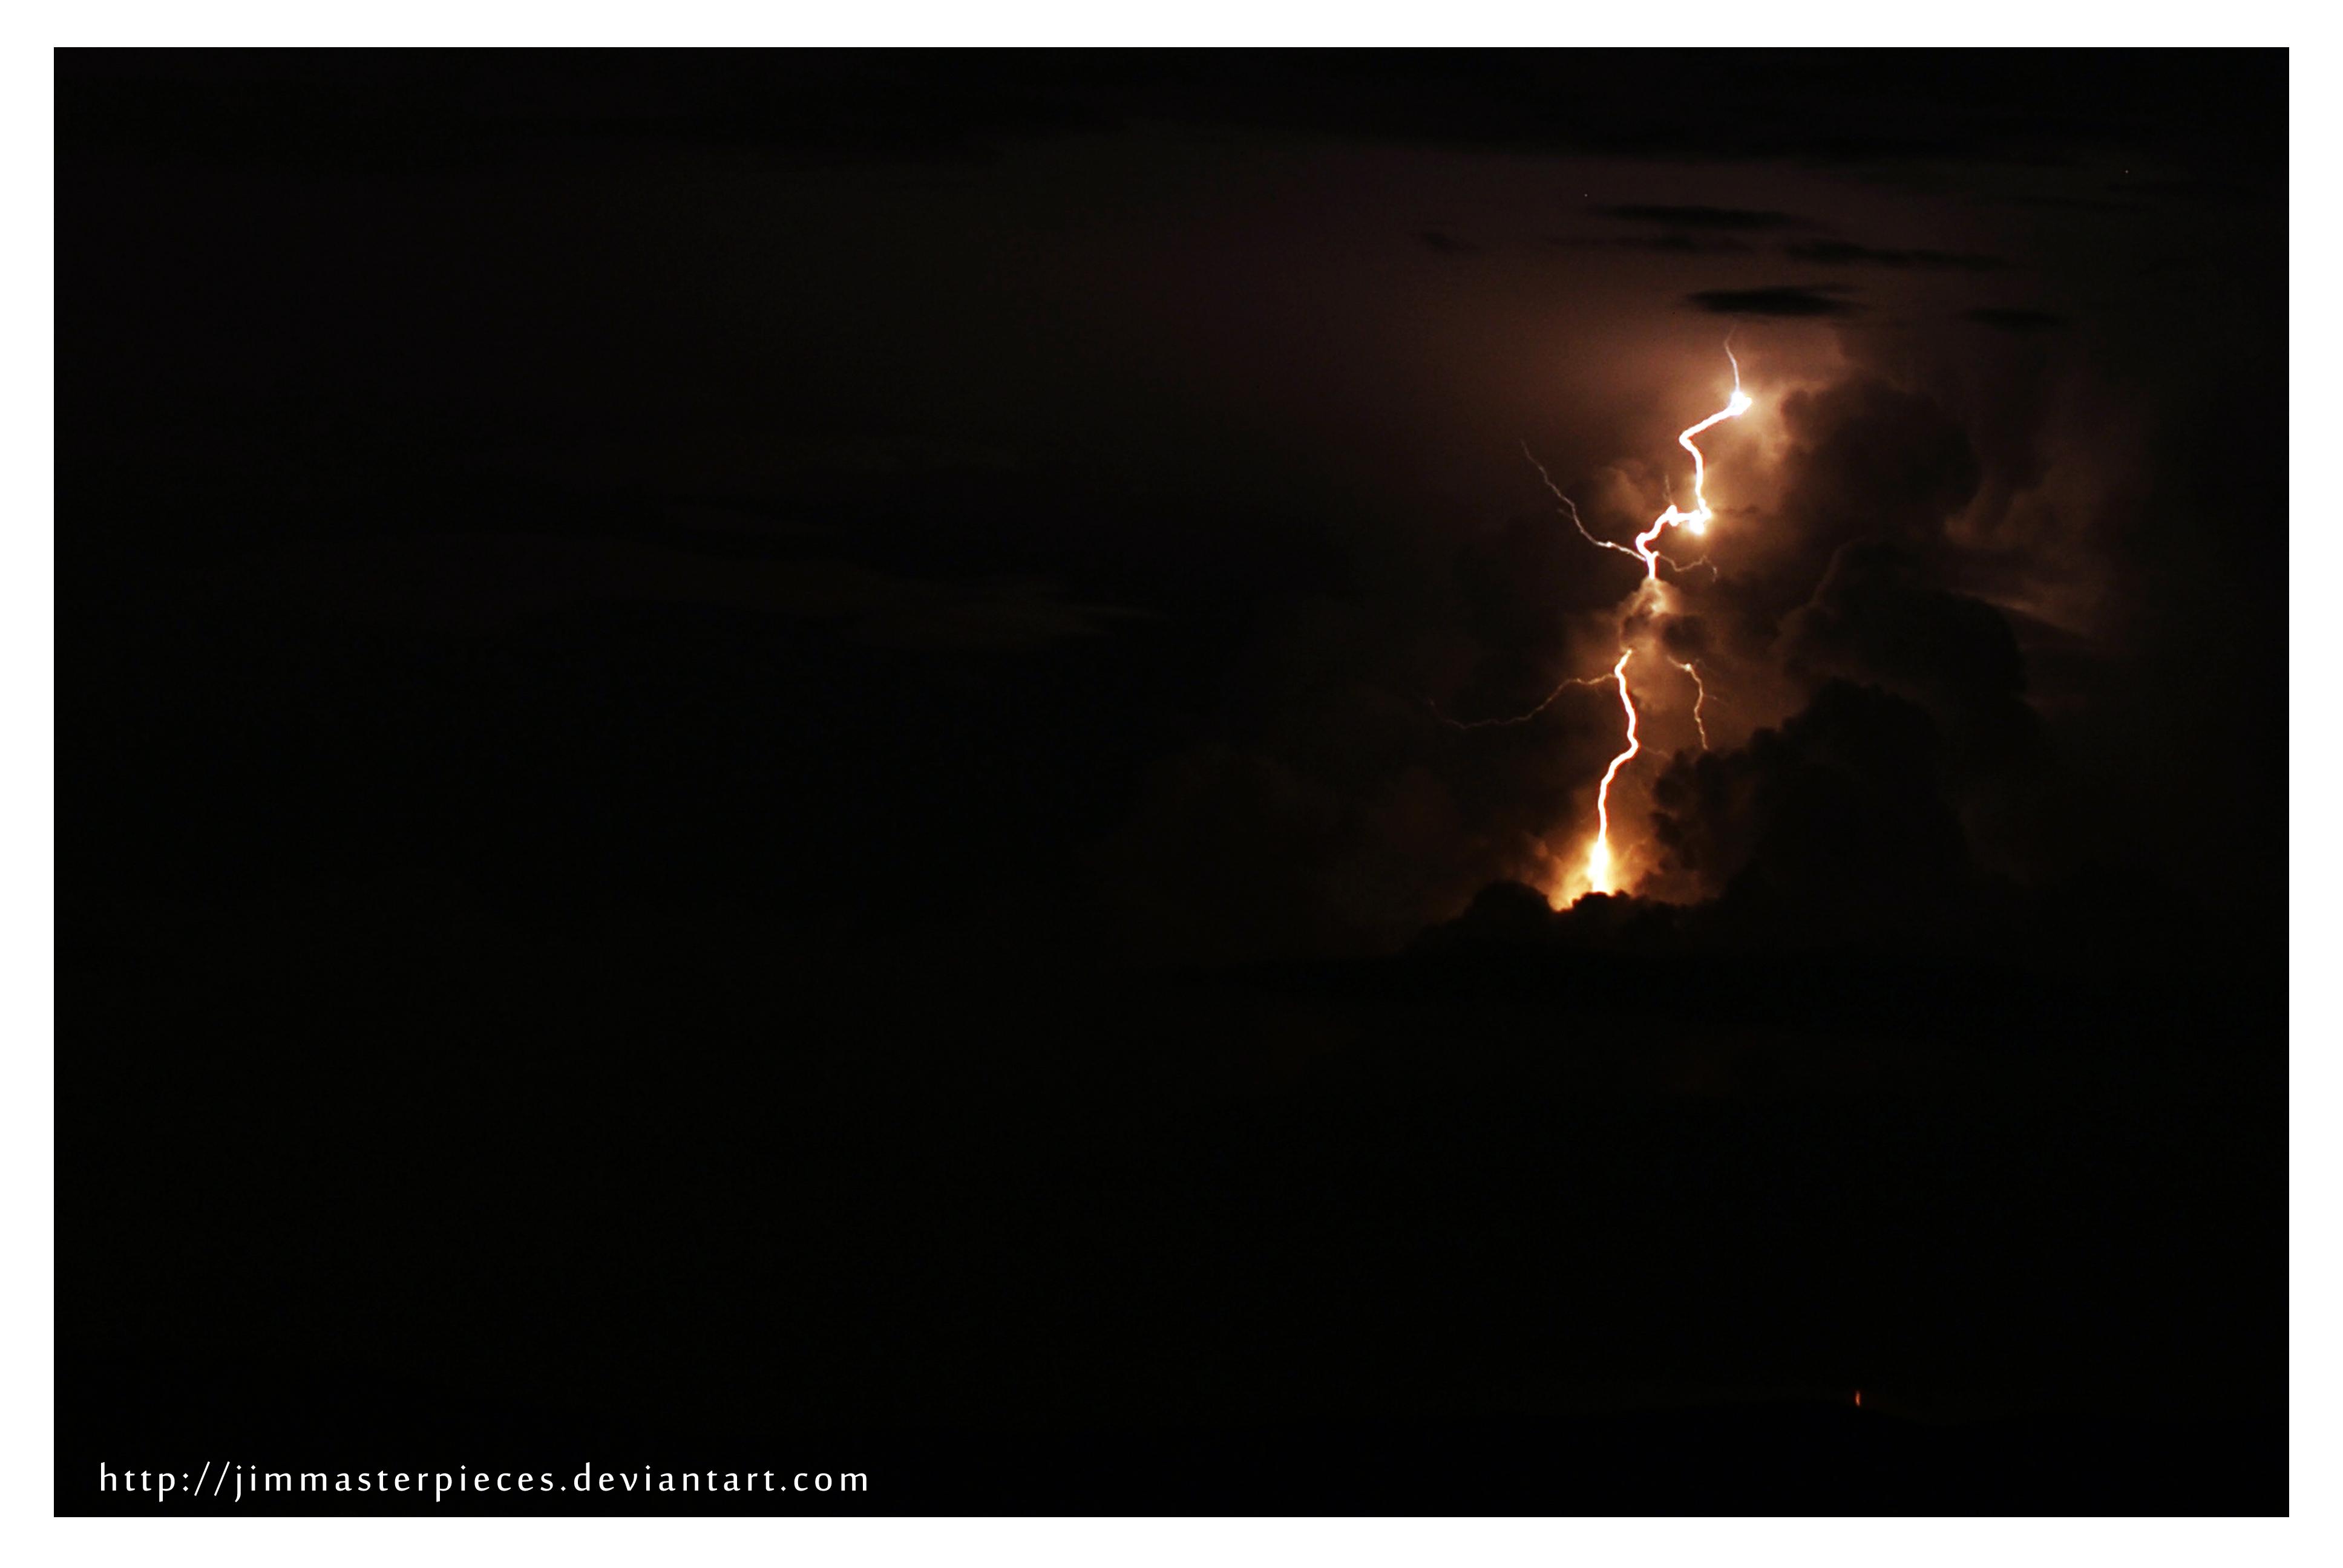 tormenta en bobare by Jimmasterpieces